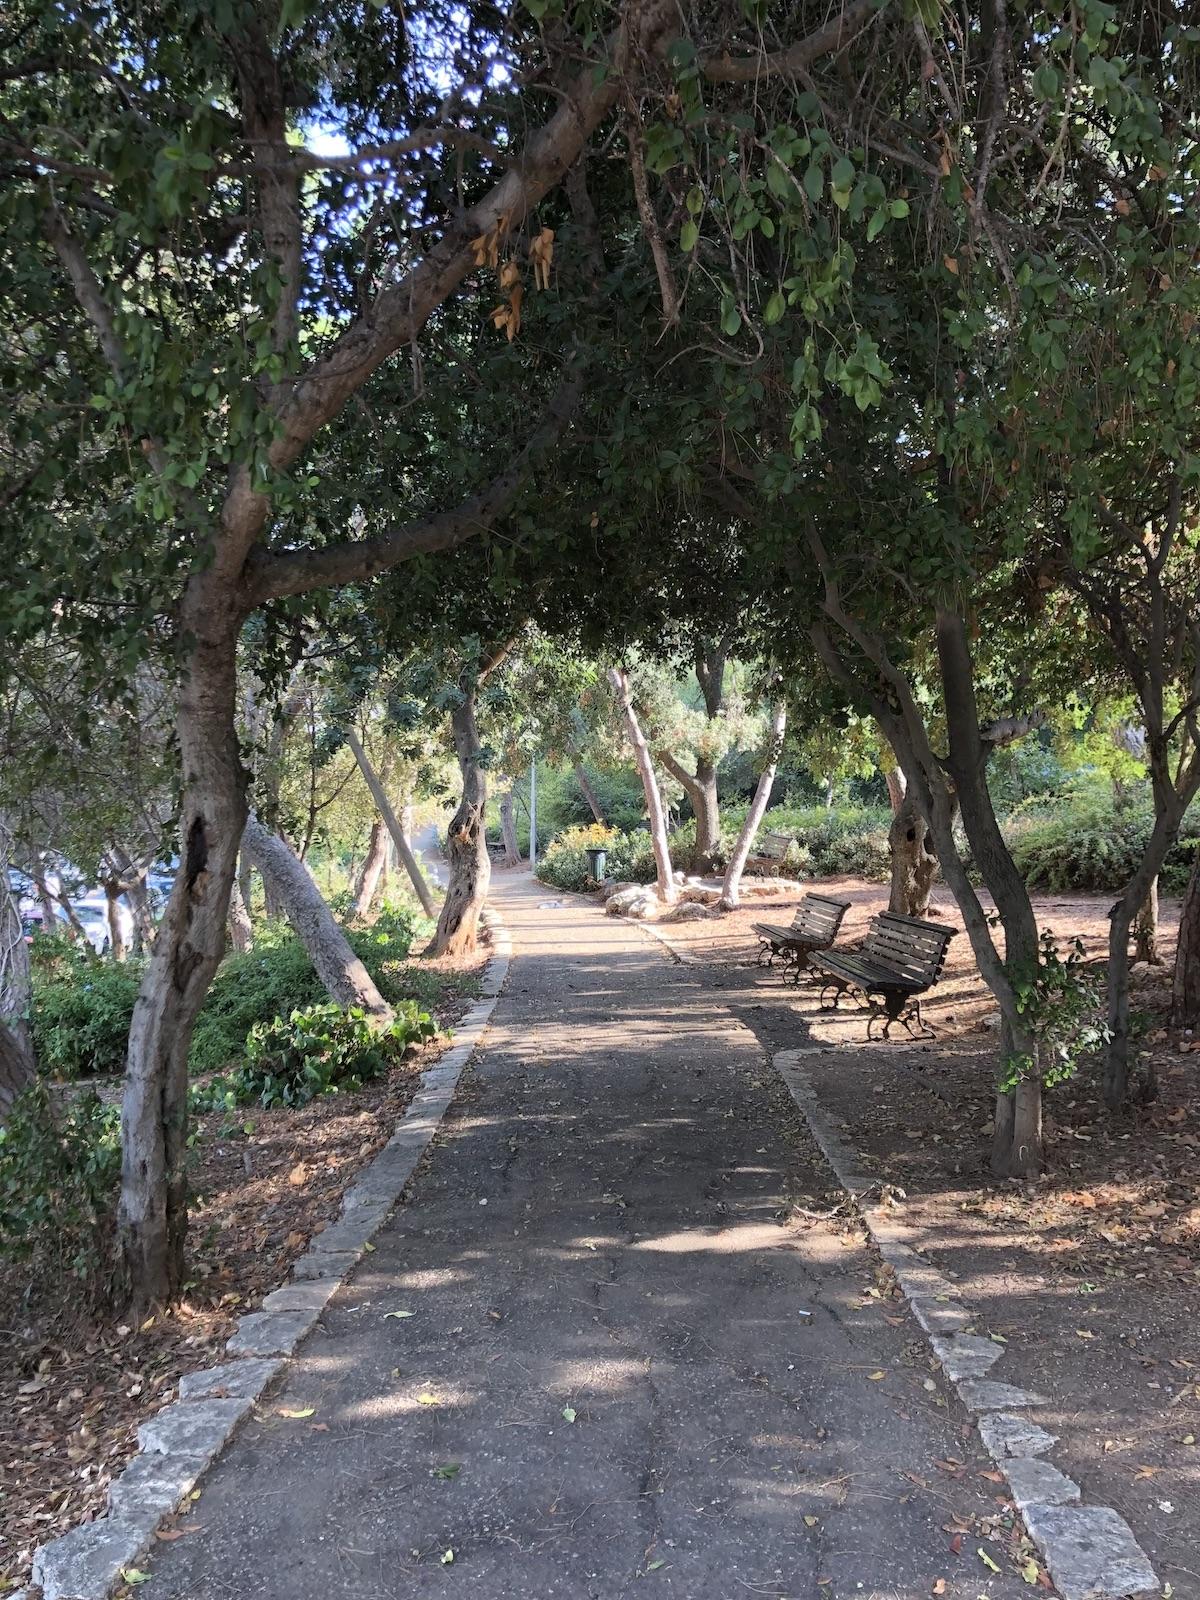 טיול רומנטי טיילת לואי יפה נוף חיפה שירי ויצנר בלוג חיפאית 4